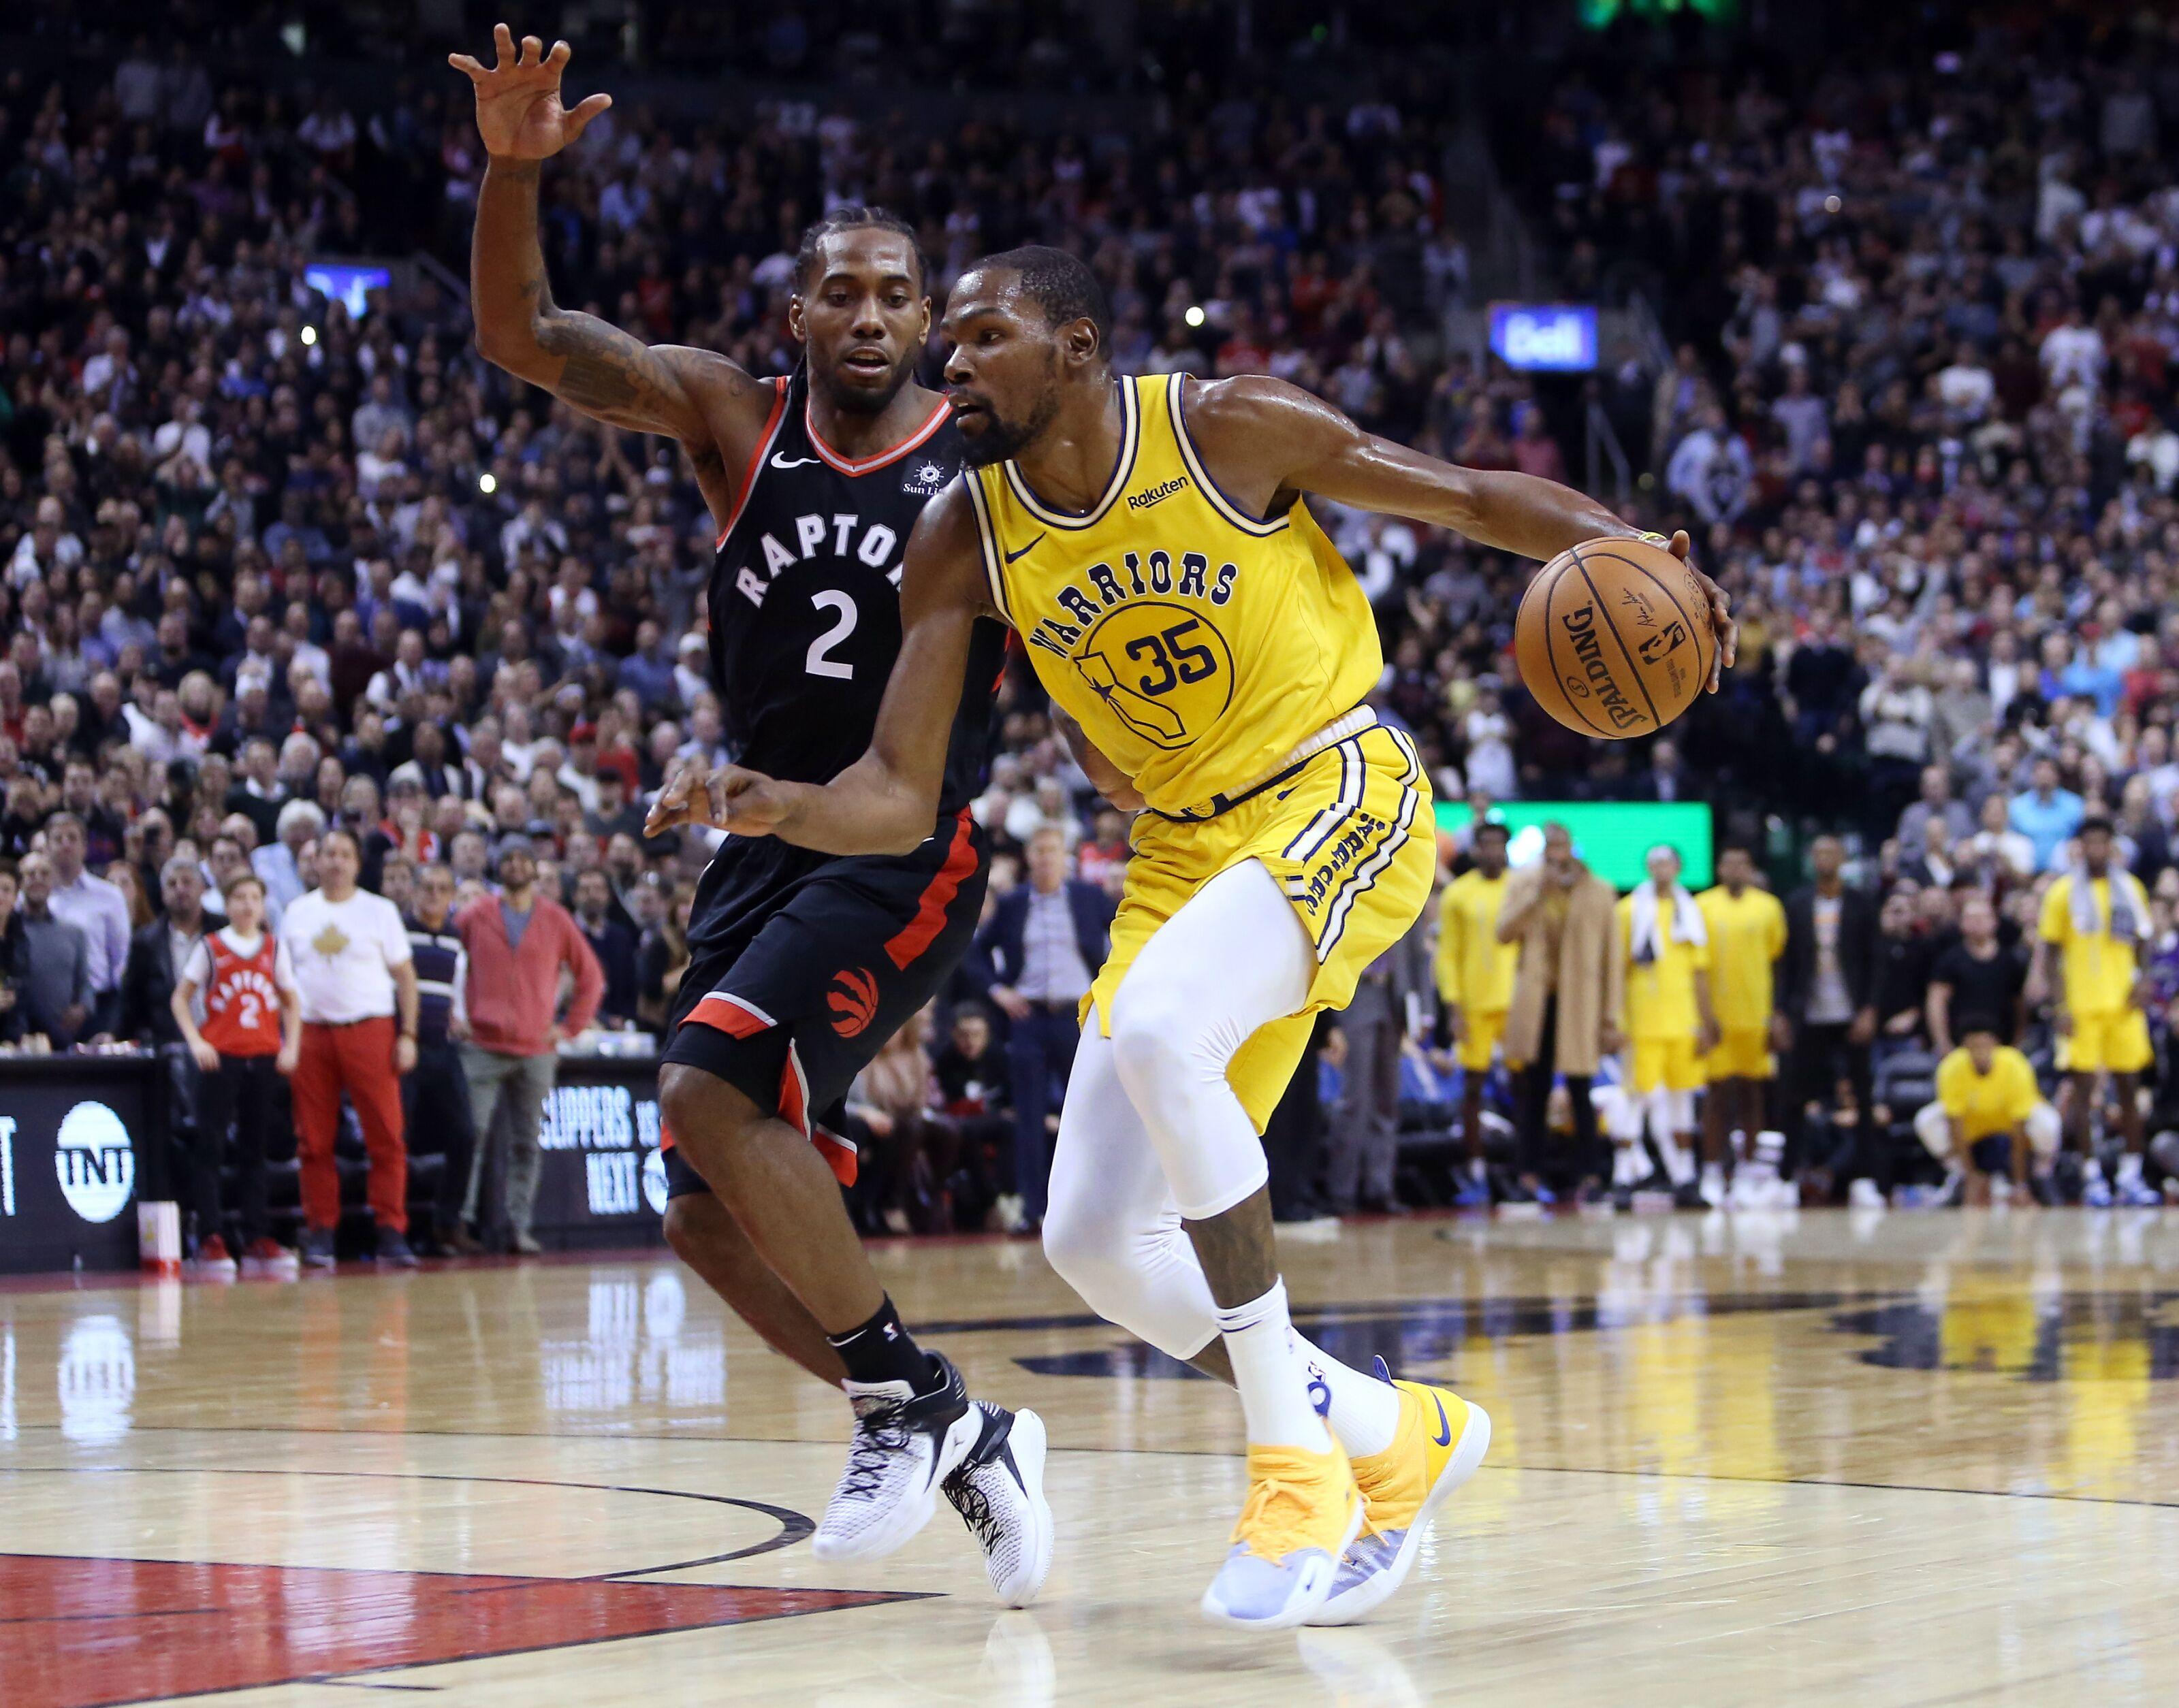 e78027d5400 Should Toronto Raptors worry about Clippers pursuit of Kawhi Leonard